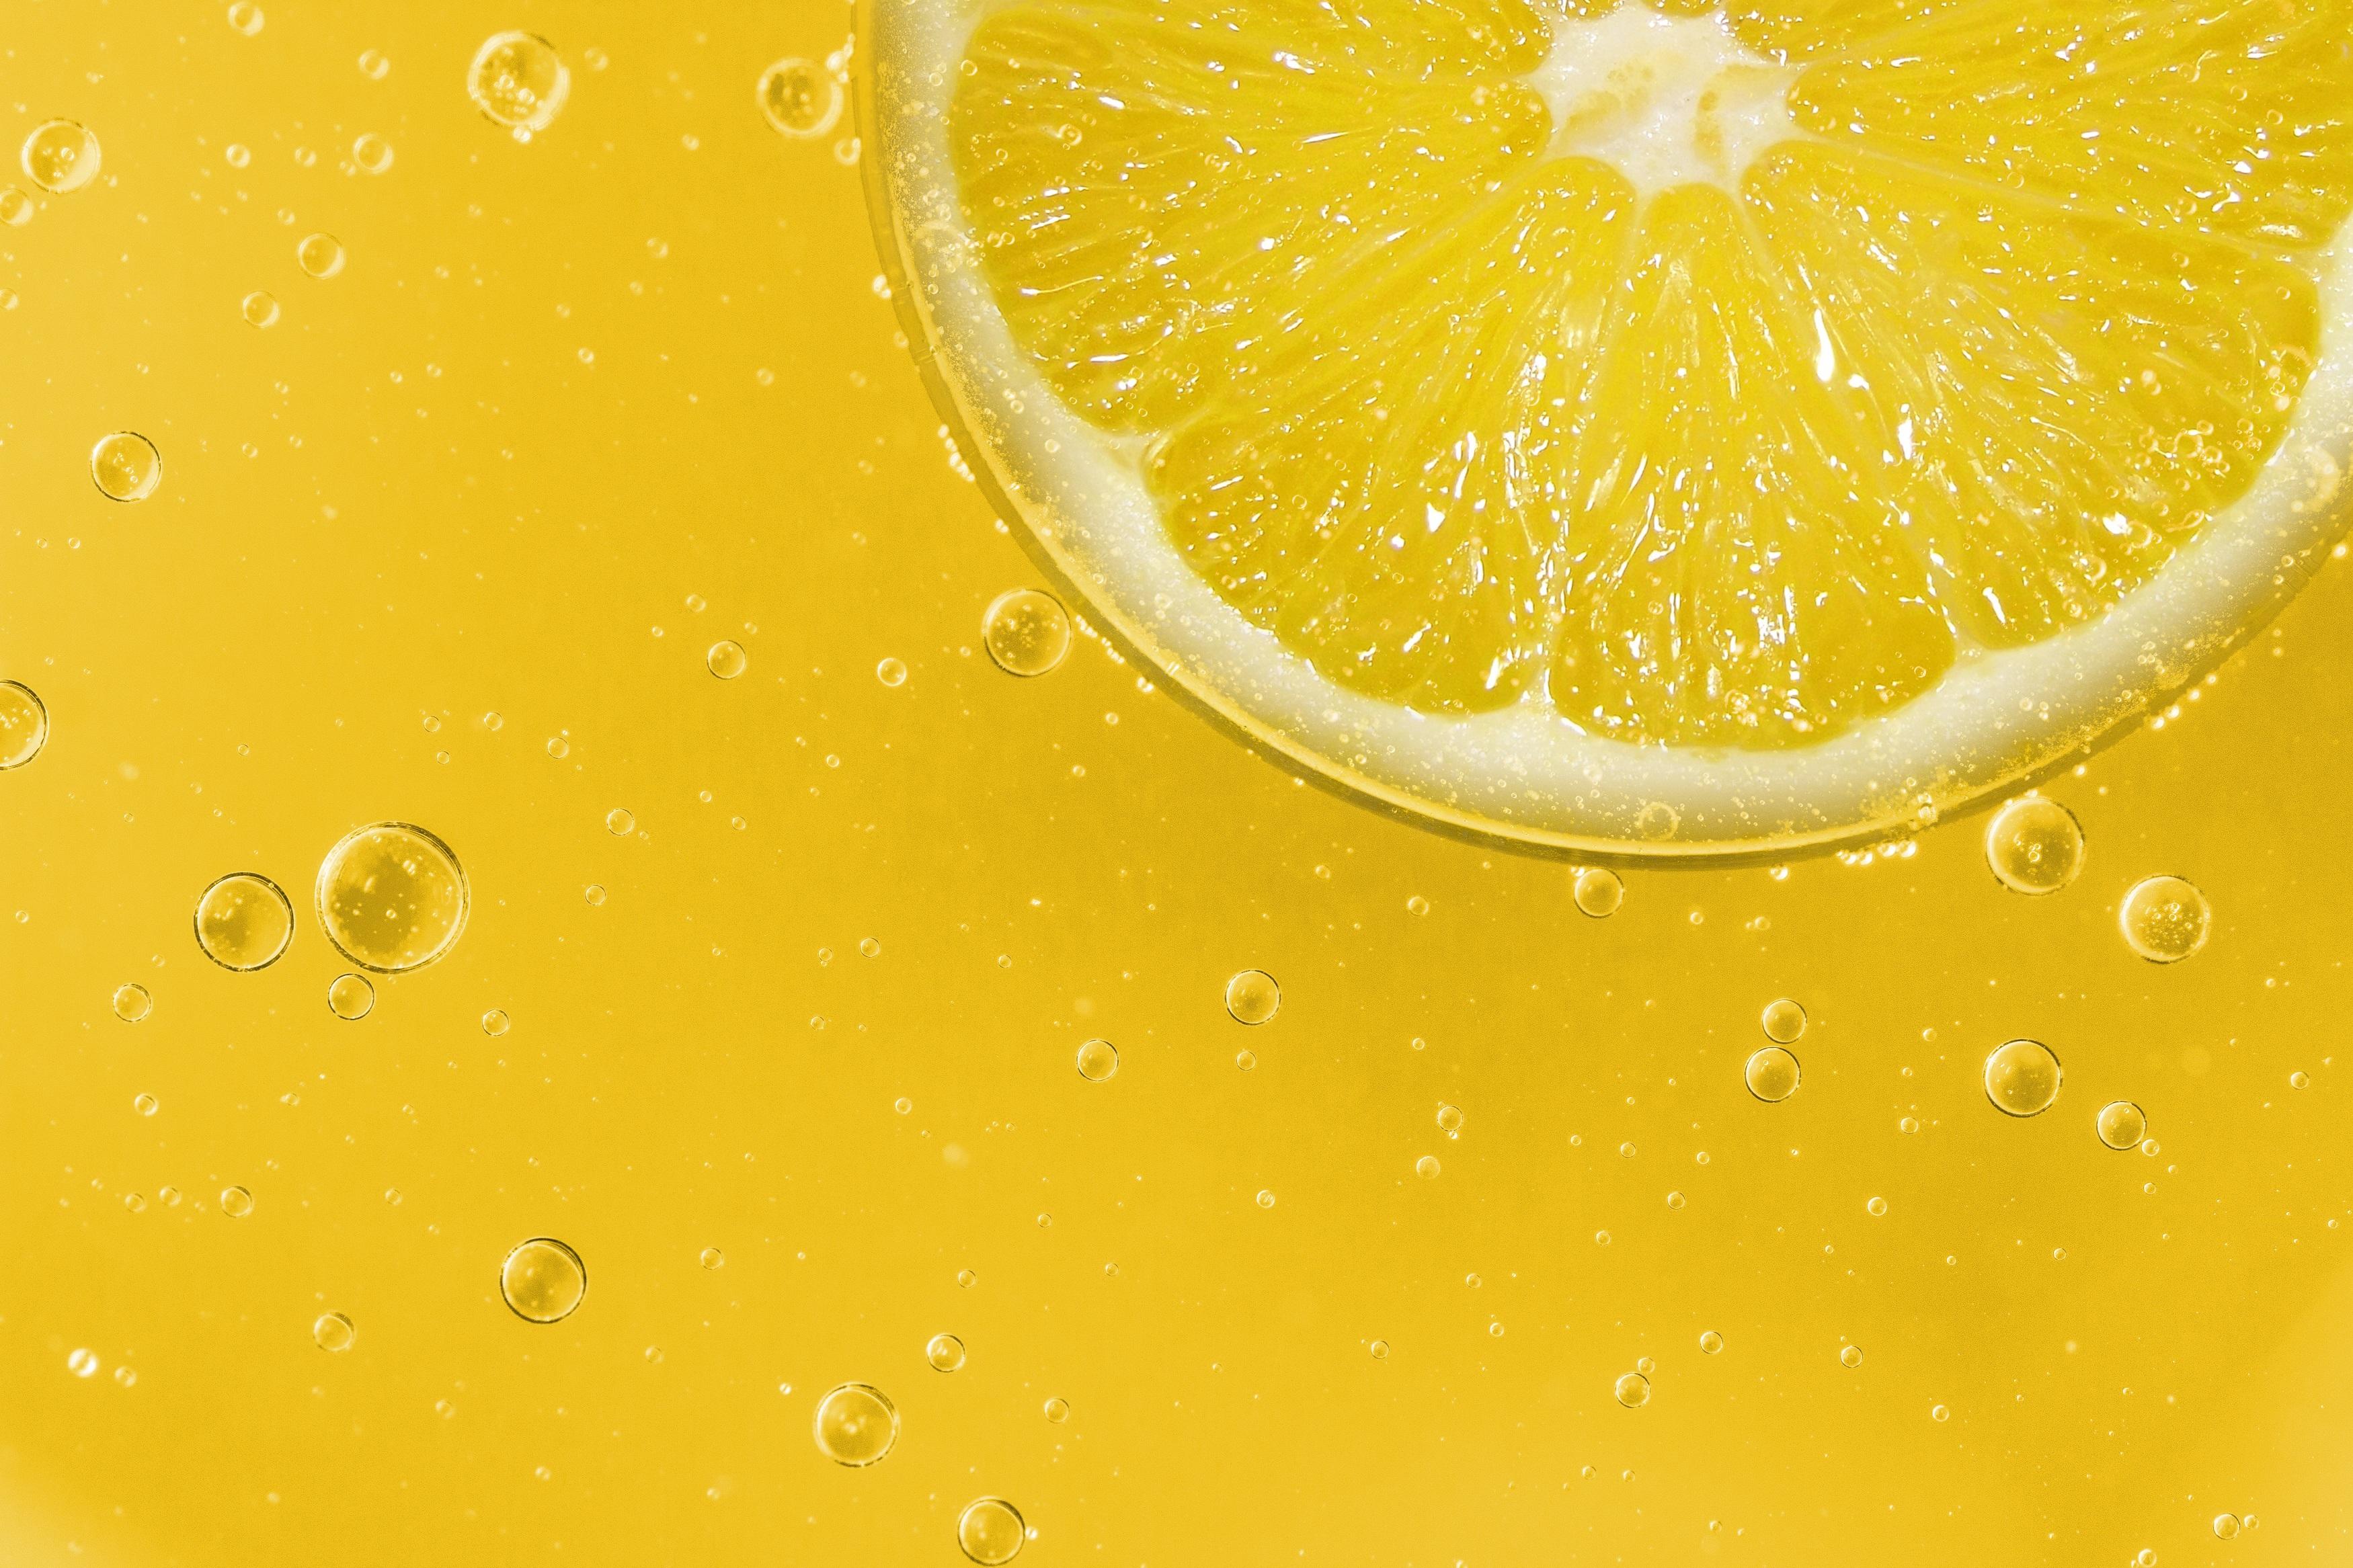 Experience Premium Juices